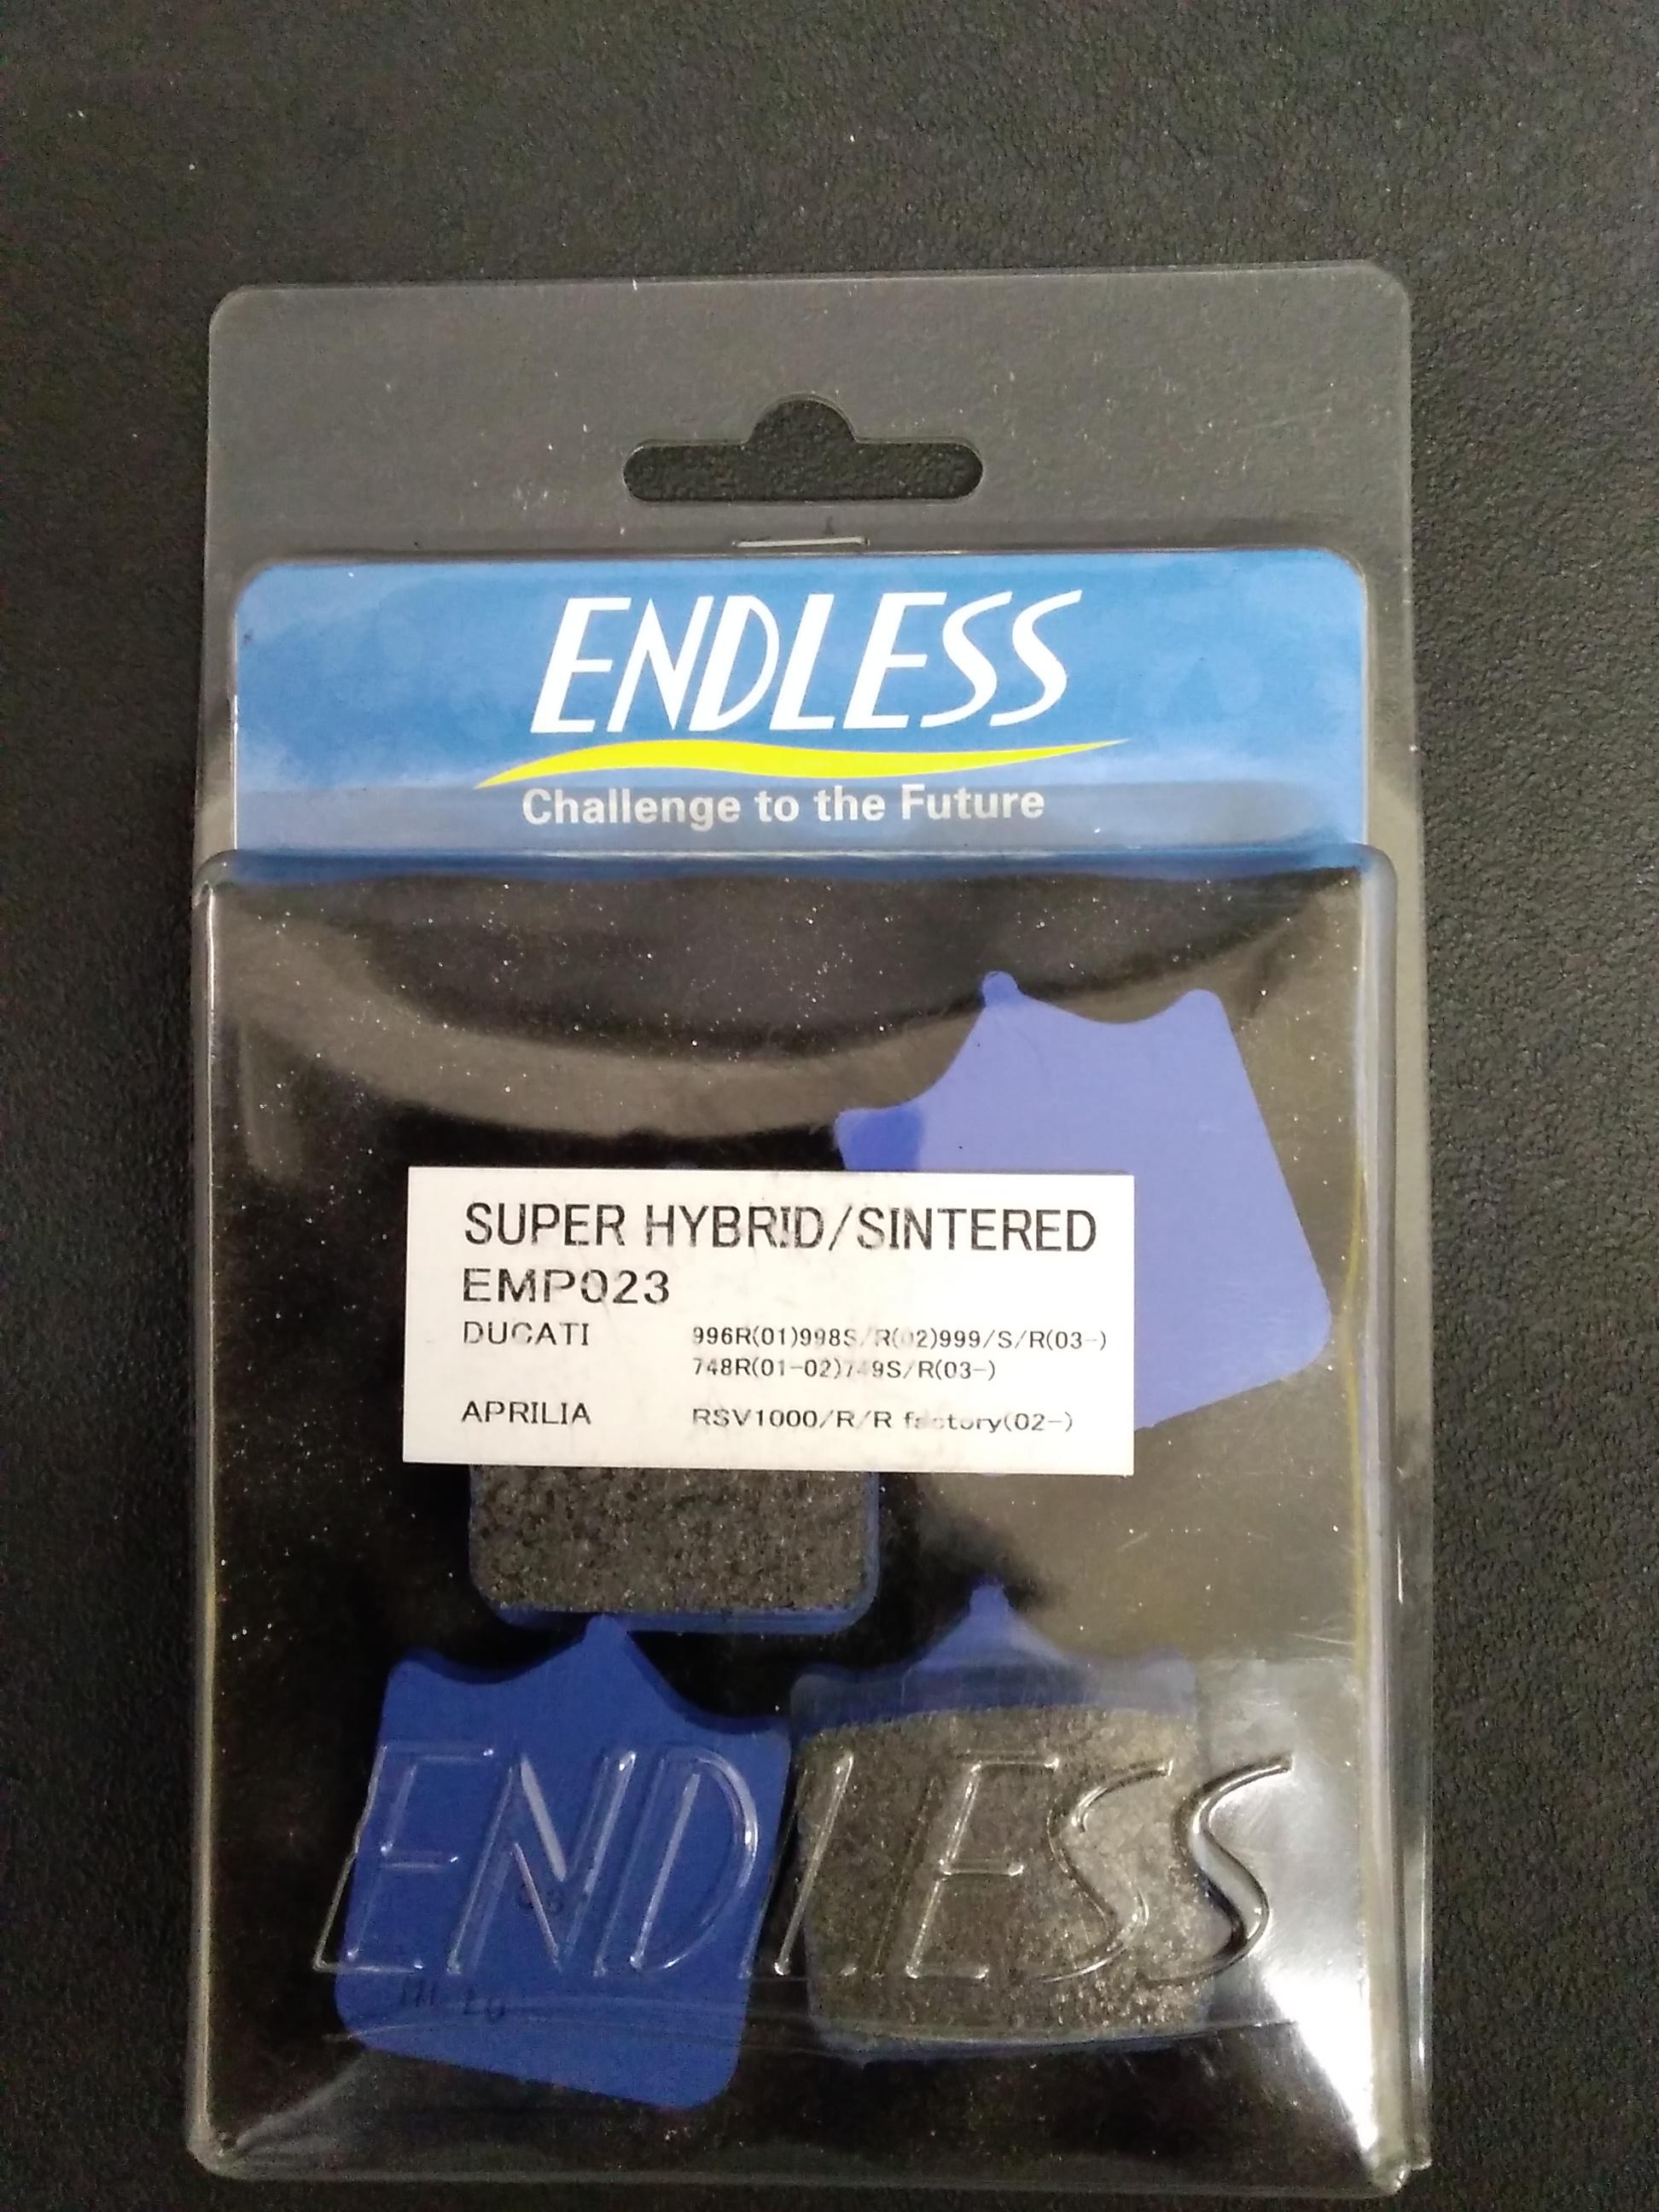 チューンアップパーツ|ENDLESS